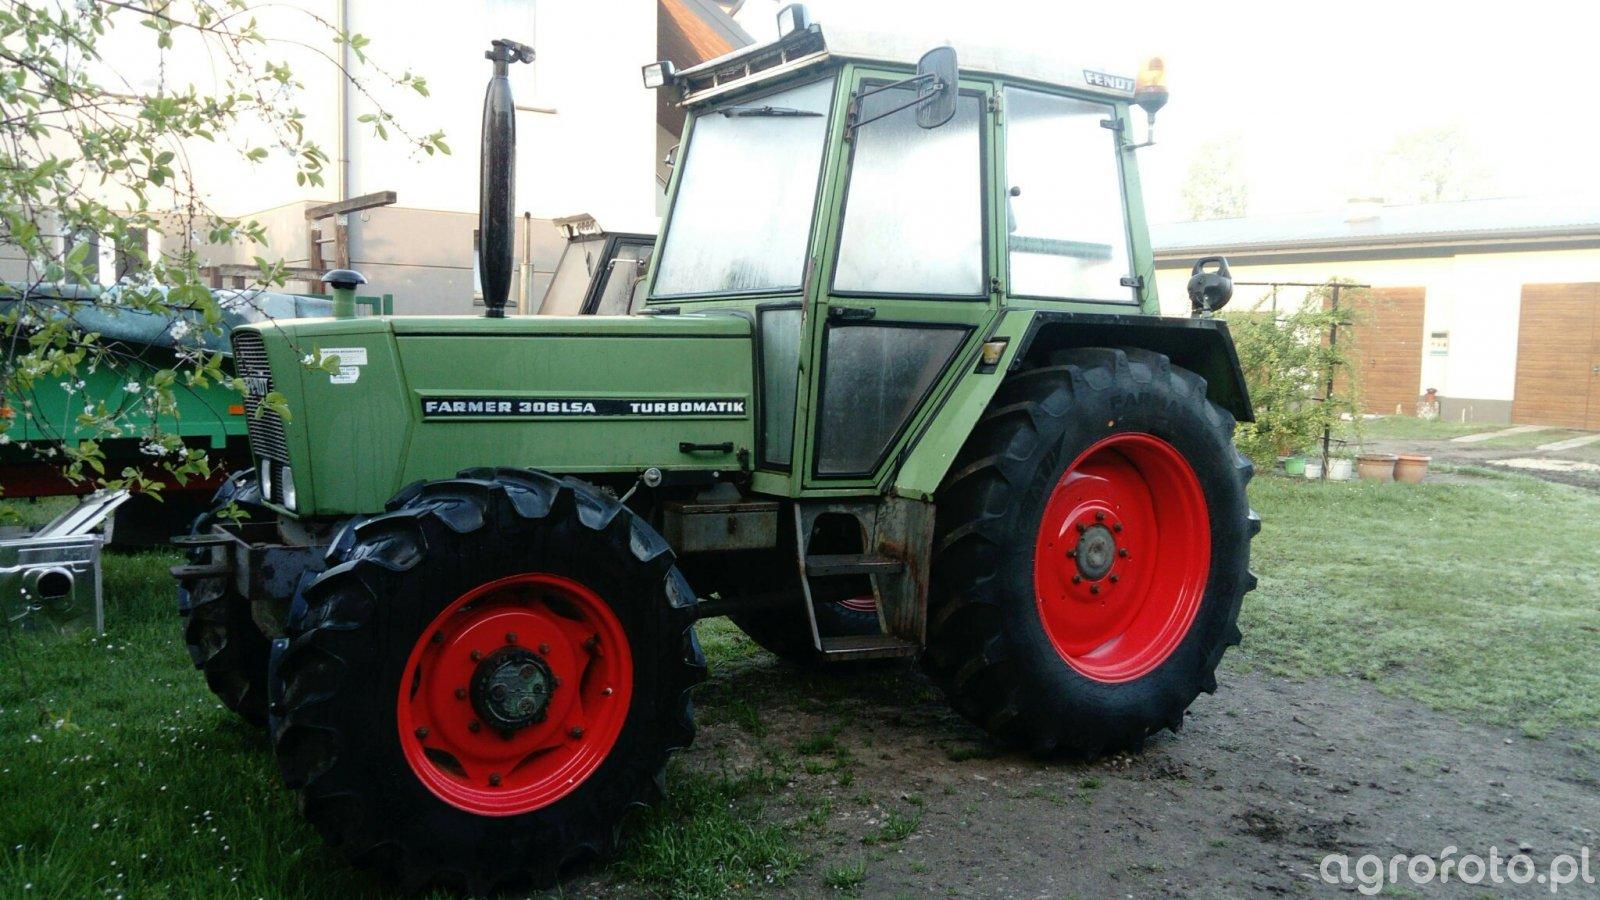 Fendt farmer 305 ls